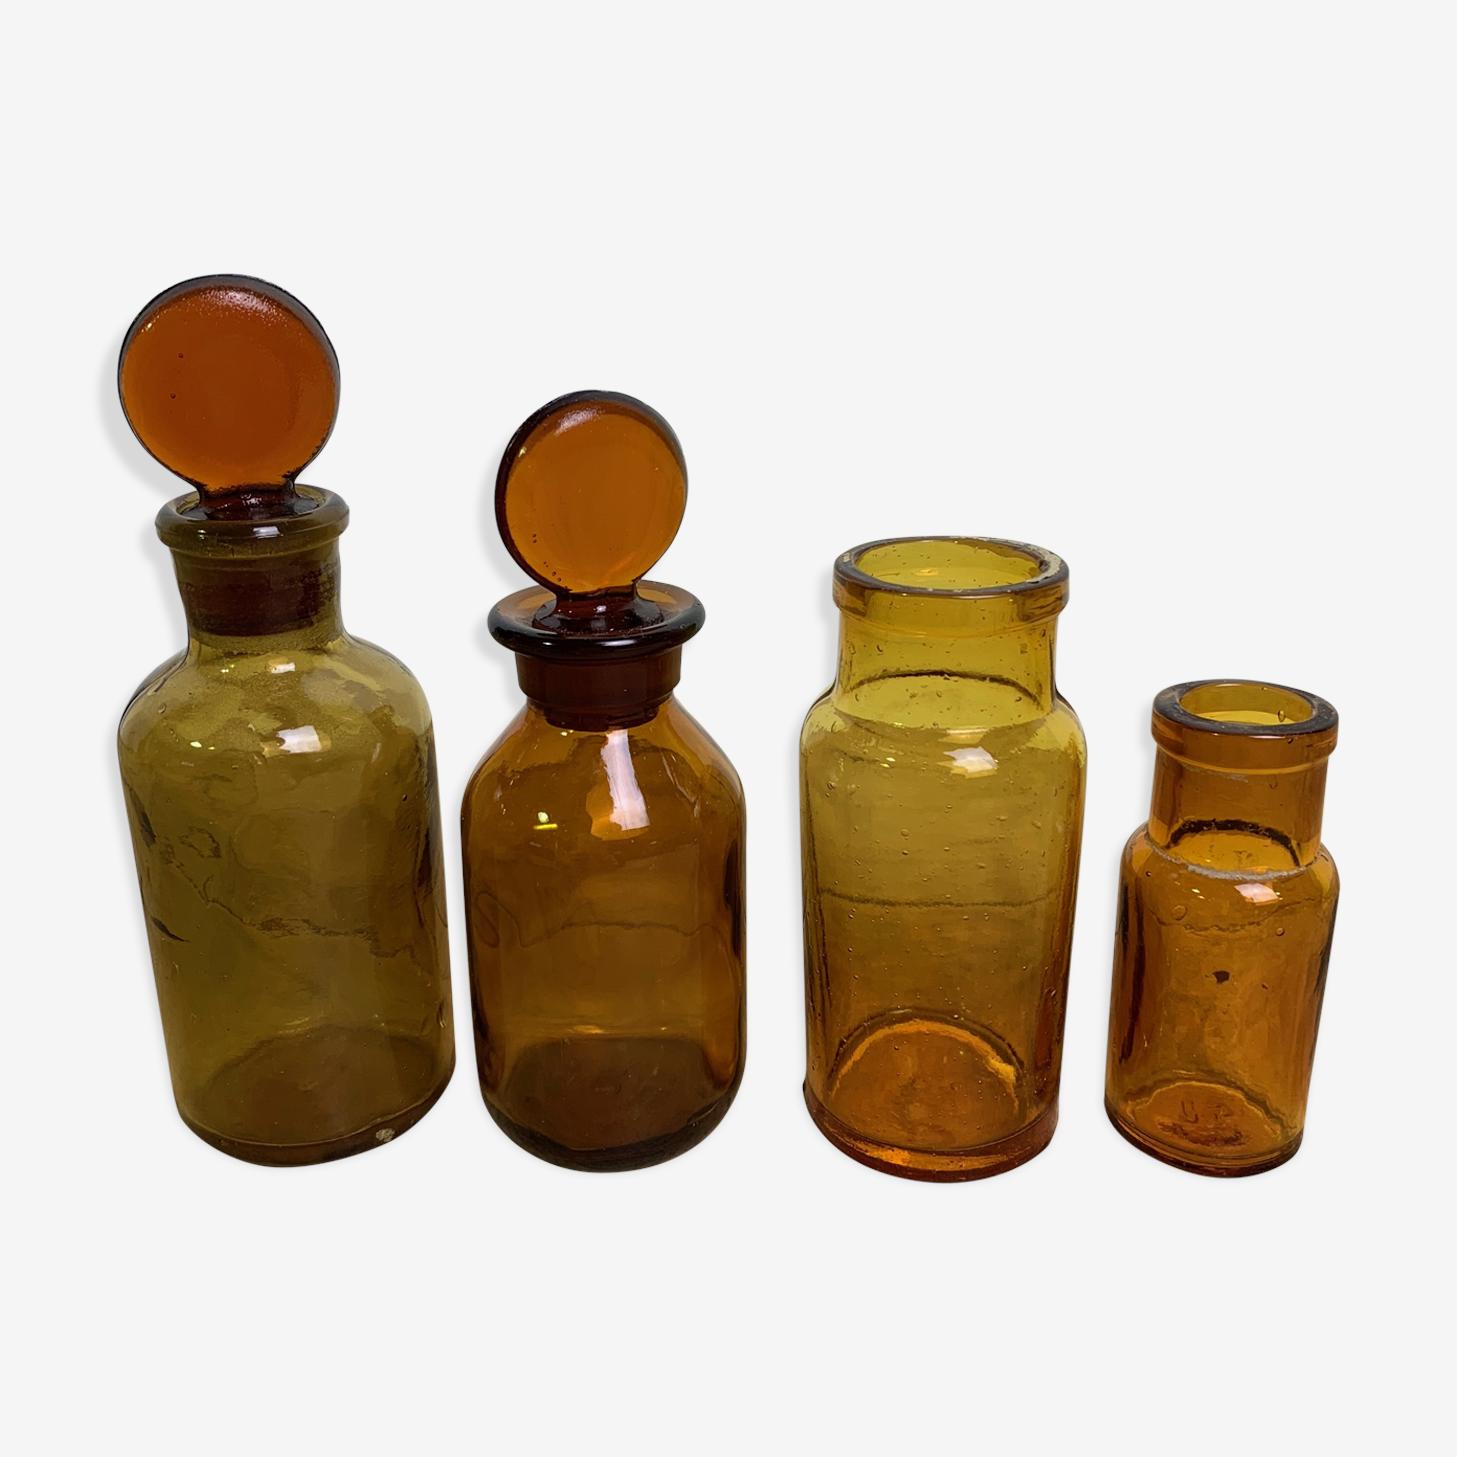 Lot de 4 flacons d'apothicaire ambrés